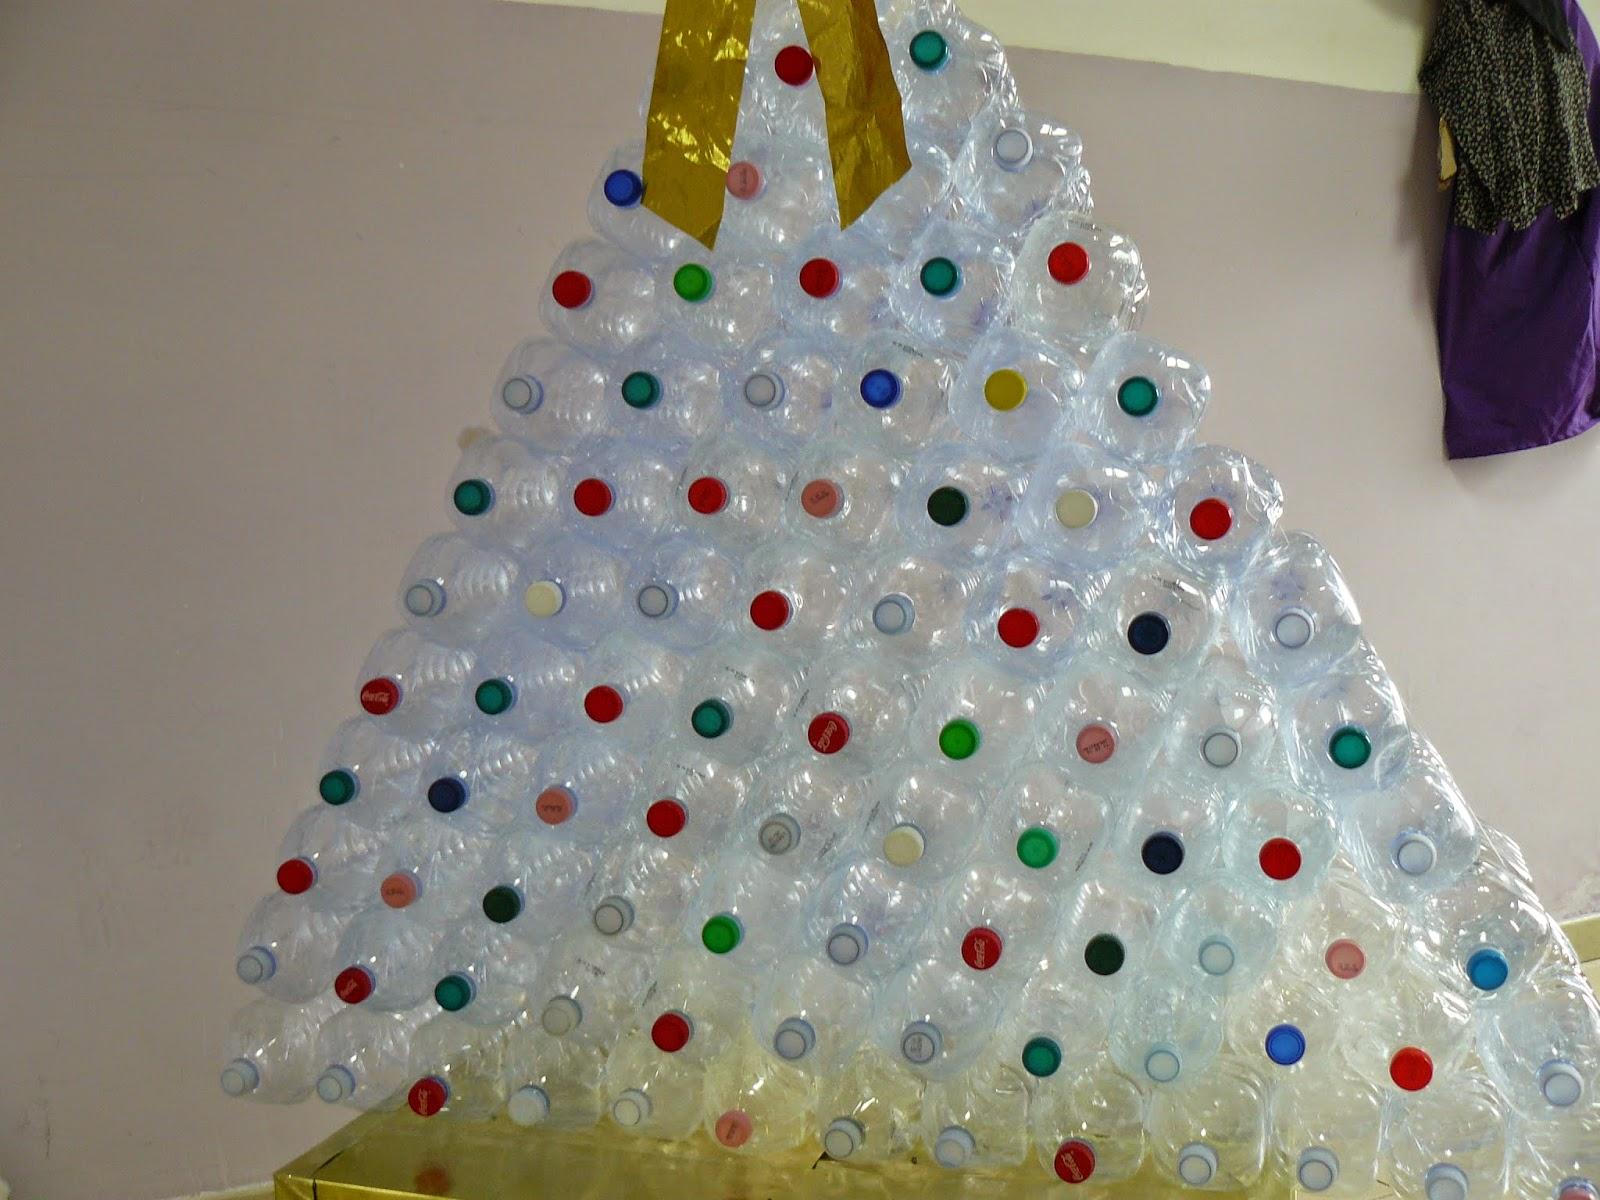 Laboratorio emozioni e creativit addobbi natalizi for Addobbi finestre natale scuola infanzia